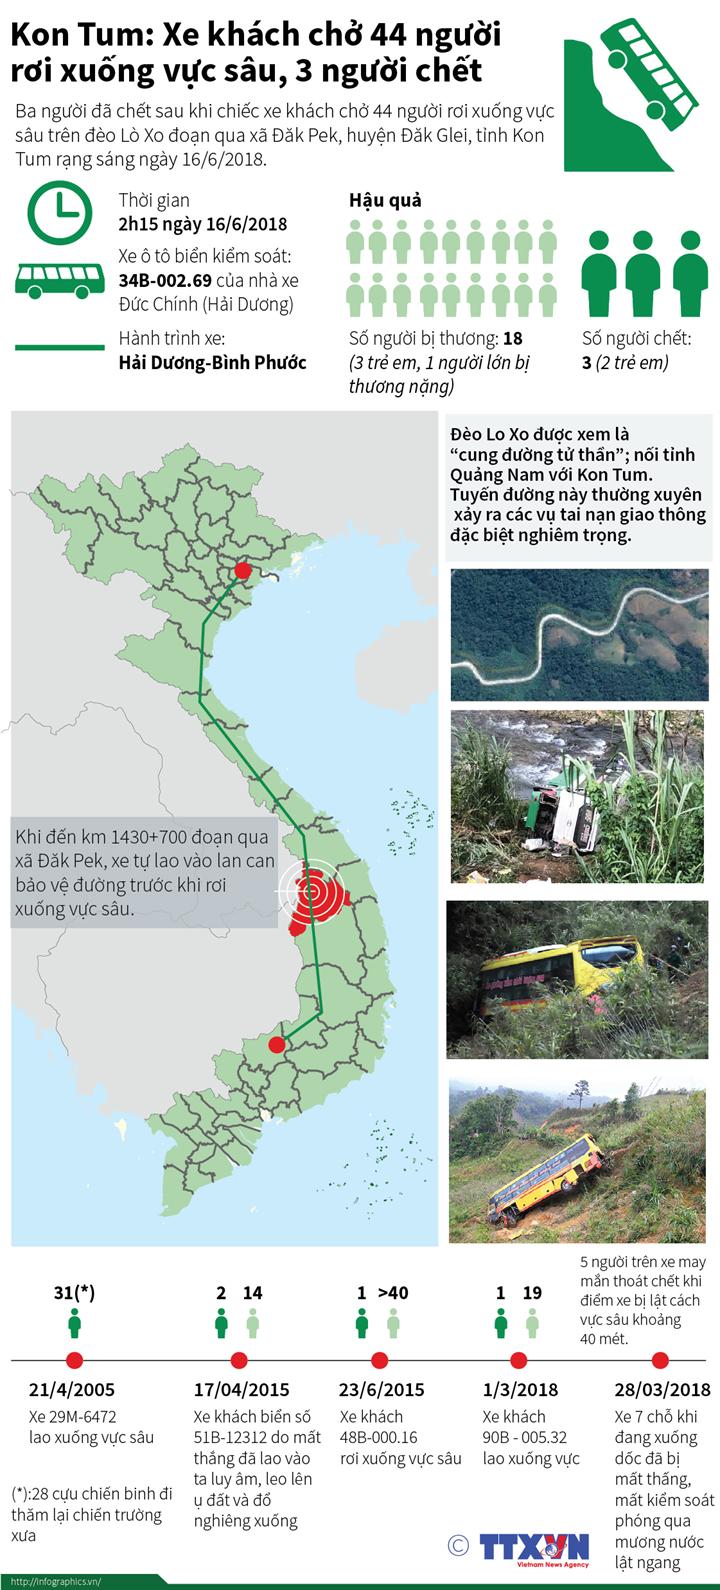 Kon Tum: Xe khách chở 44 người rơi xuống vực sâu, 3 người chết